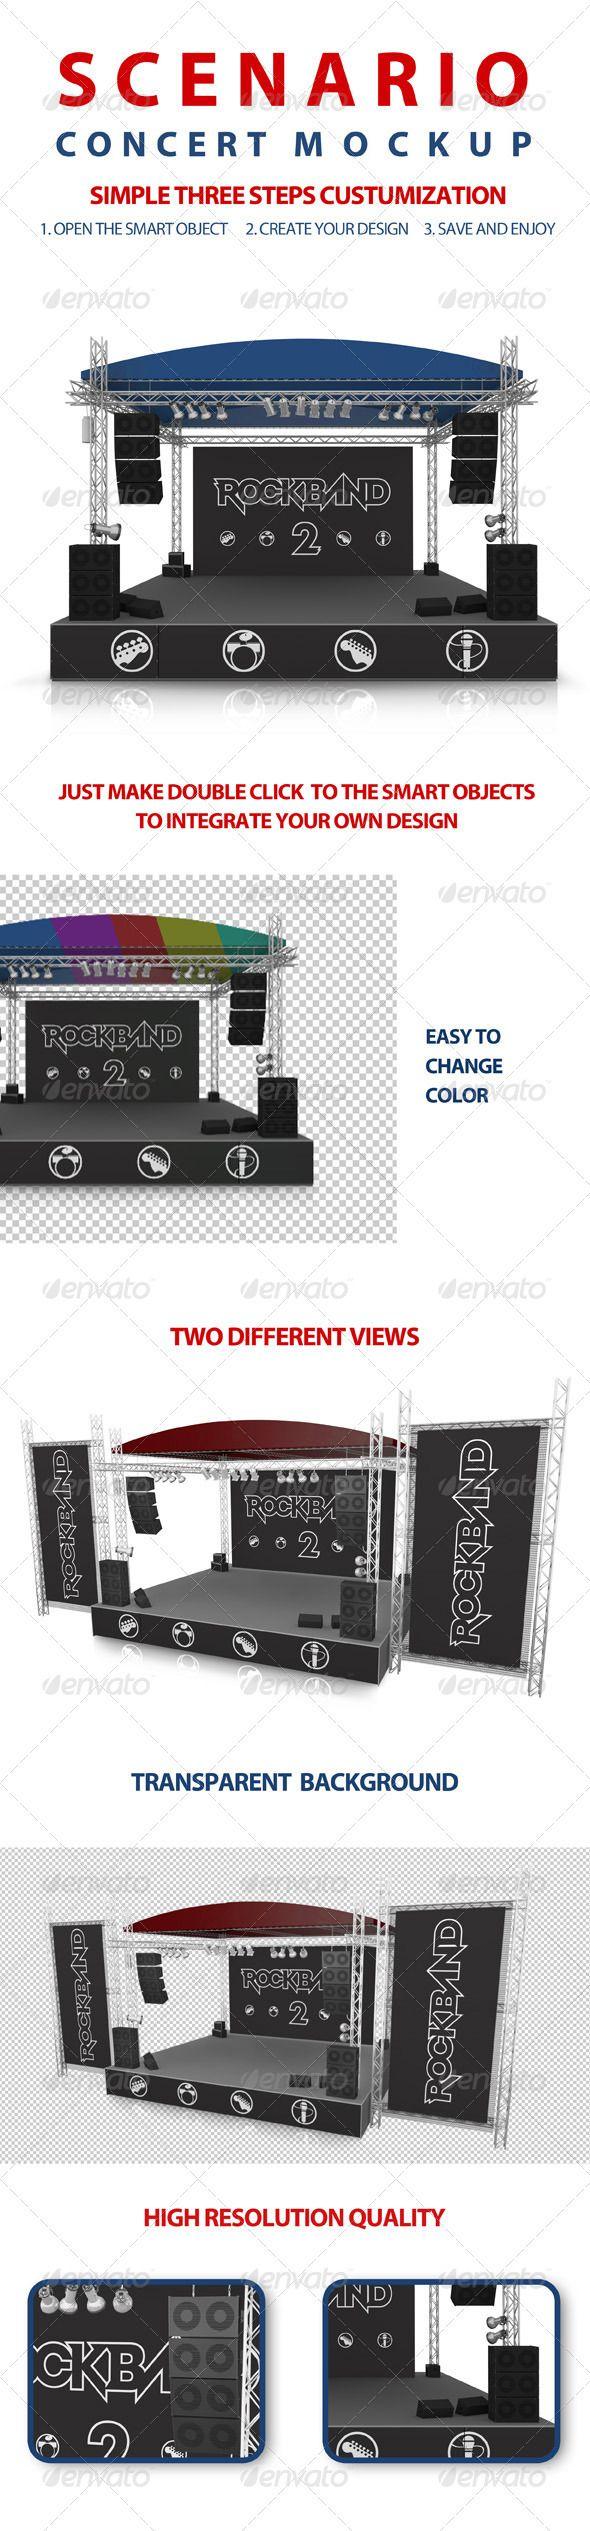 Concert Scenery Mock Up Mockup Mockup Design Graphic Design Templates